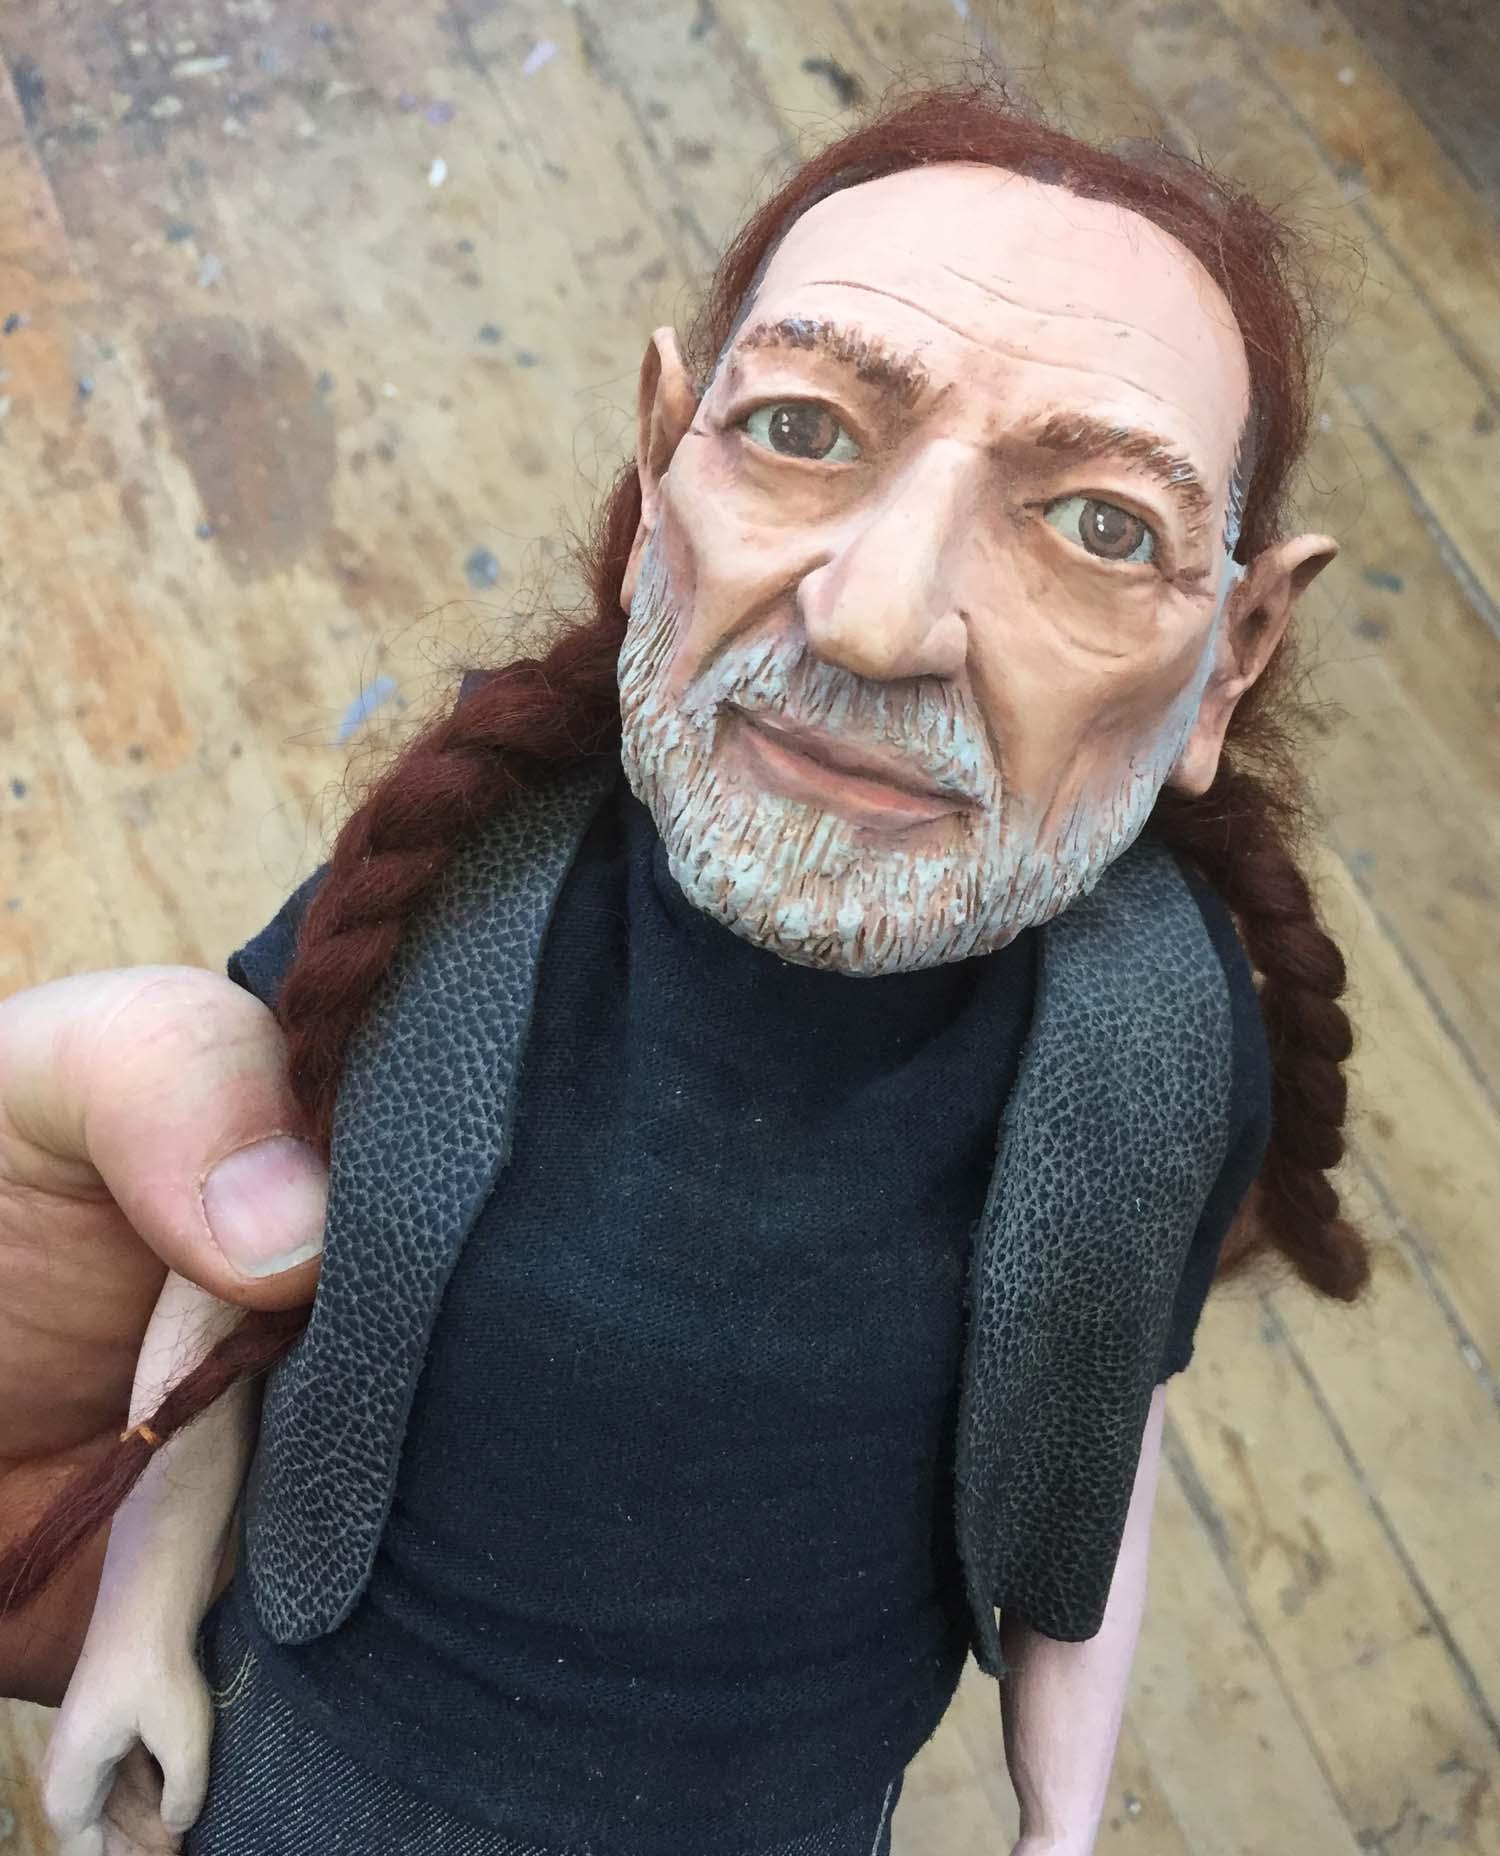 Willie Nelsen Doll